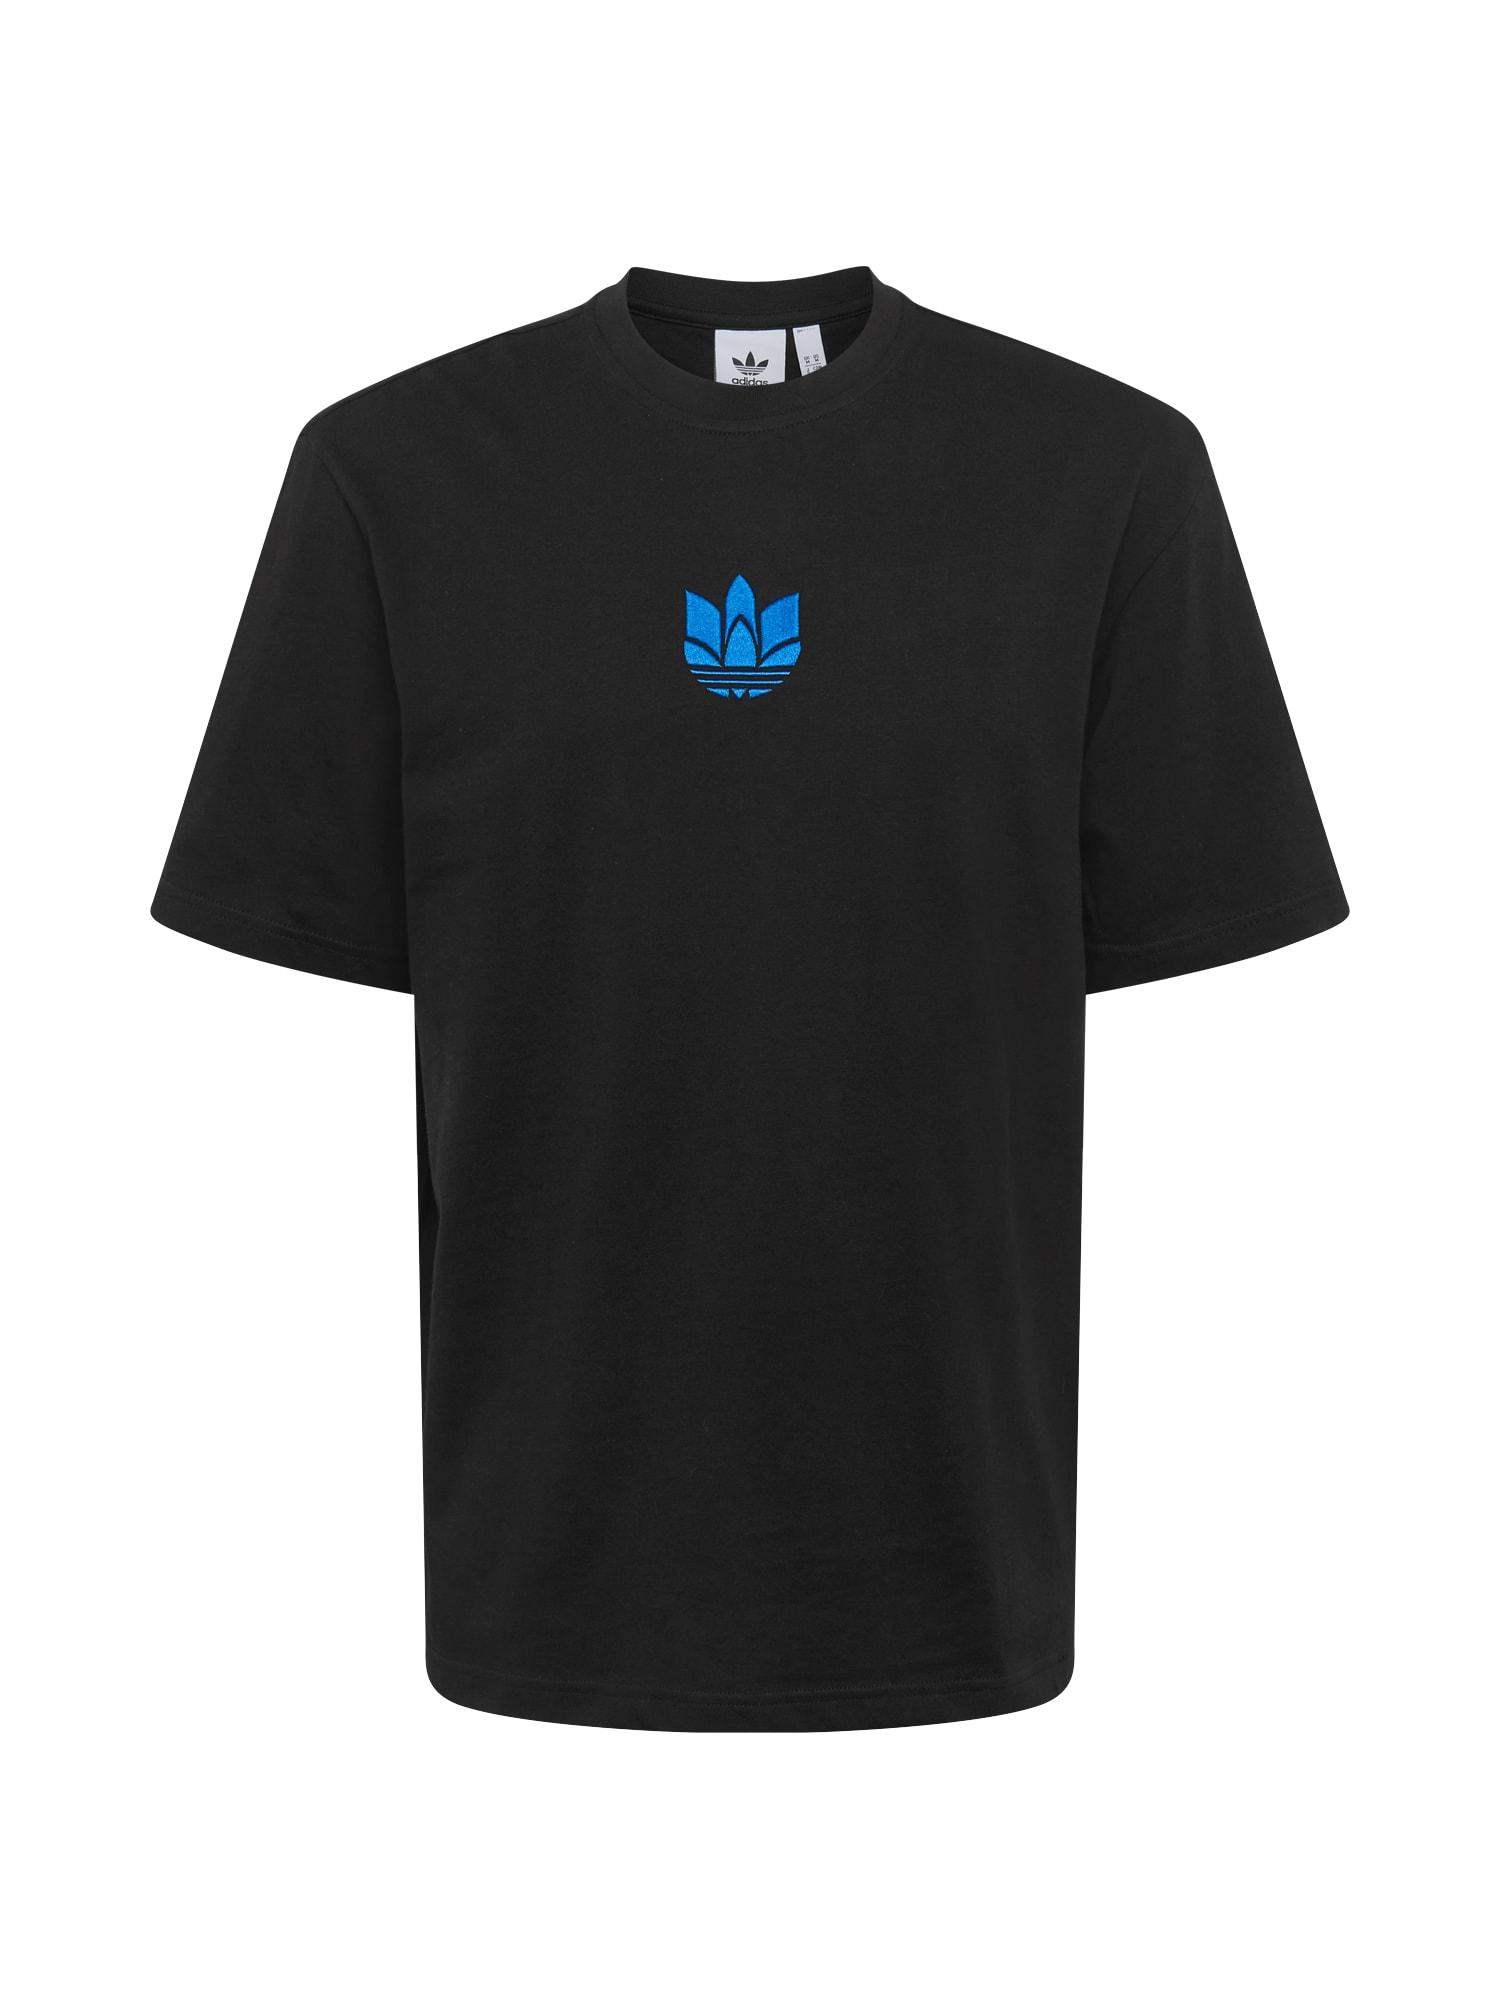 ADIDAS ORIGINALS Marškinėliai mėlyna / juoda